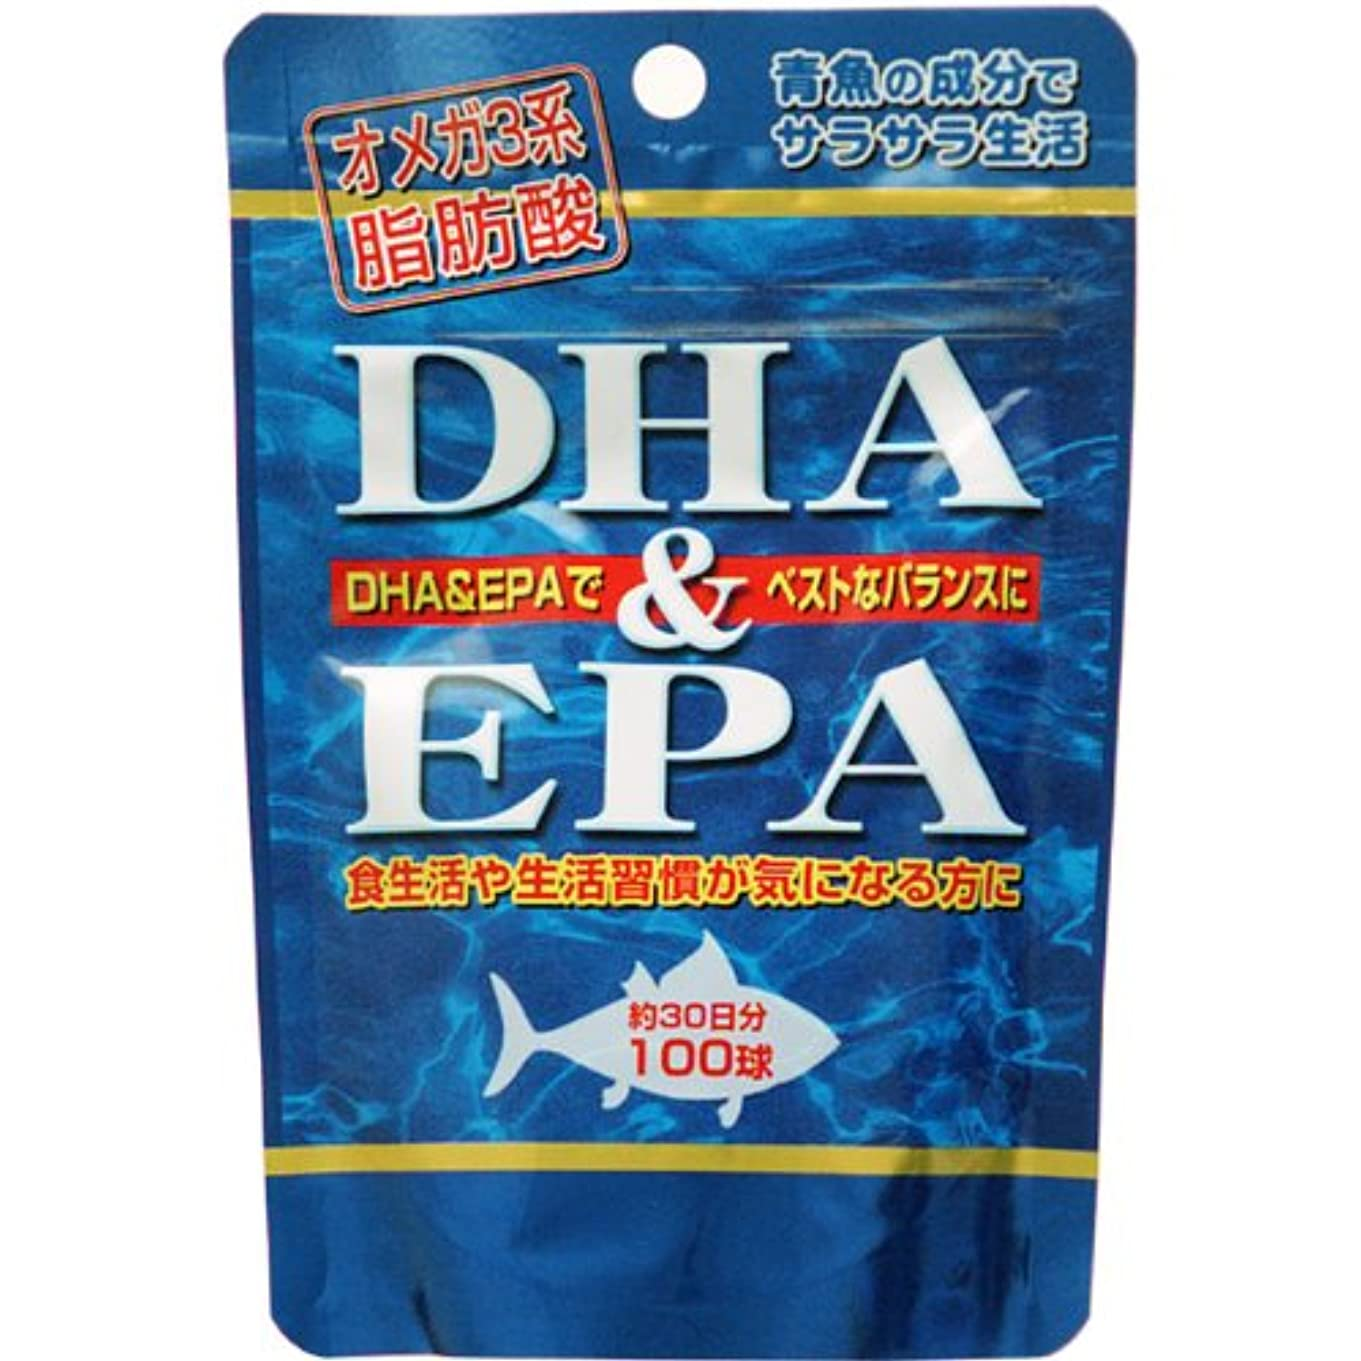 気難しい許さない組立DHA(ドコサヘキサエン酸)&EPA(エイコサペンタエン酸)×5